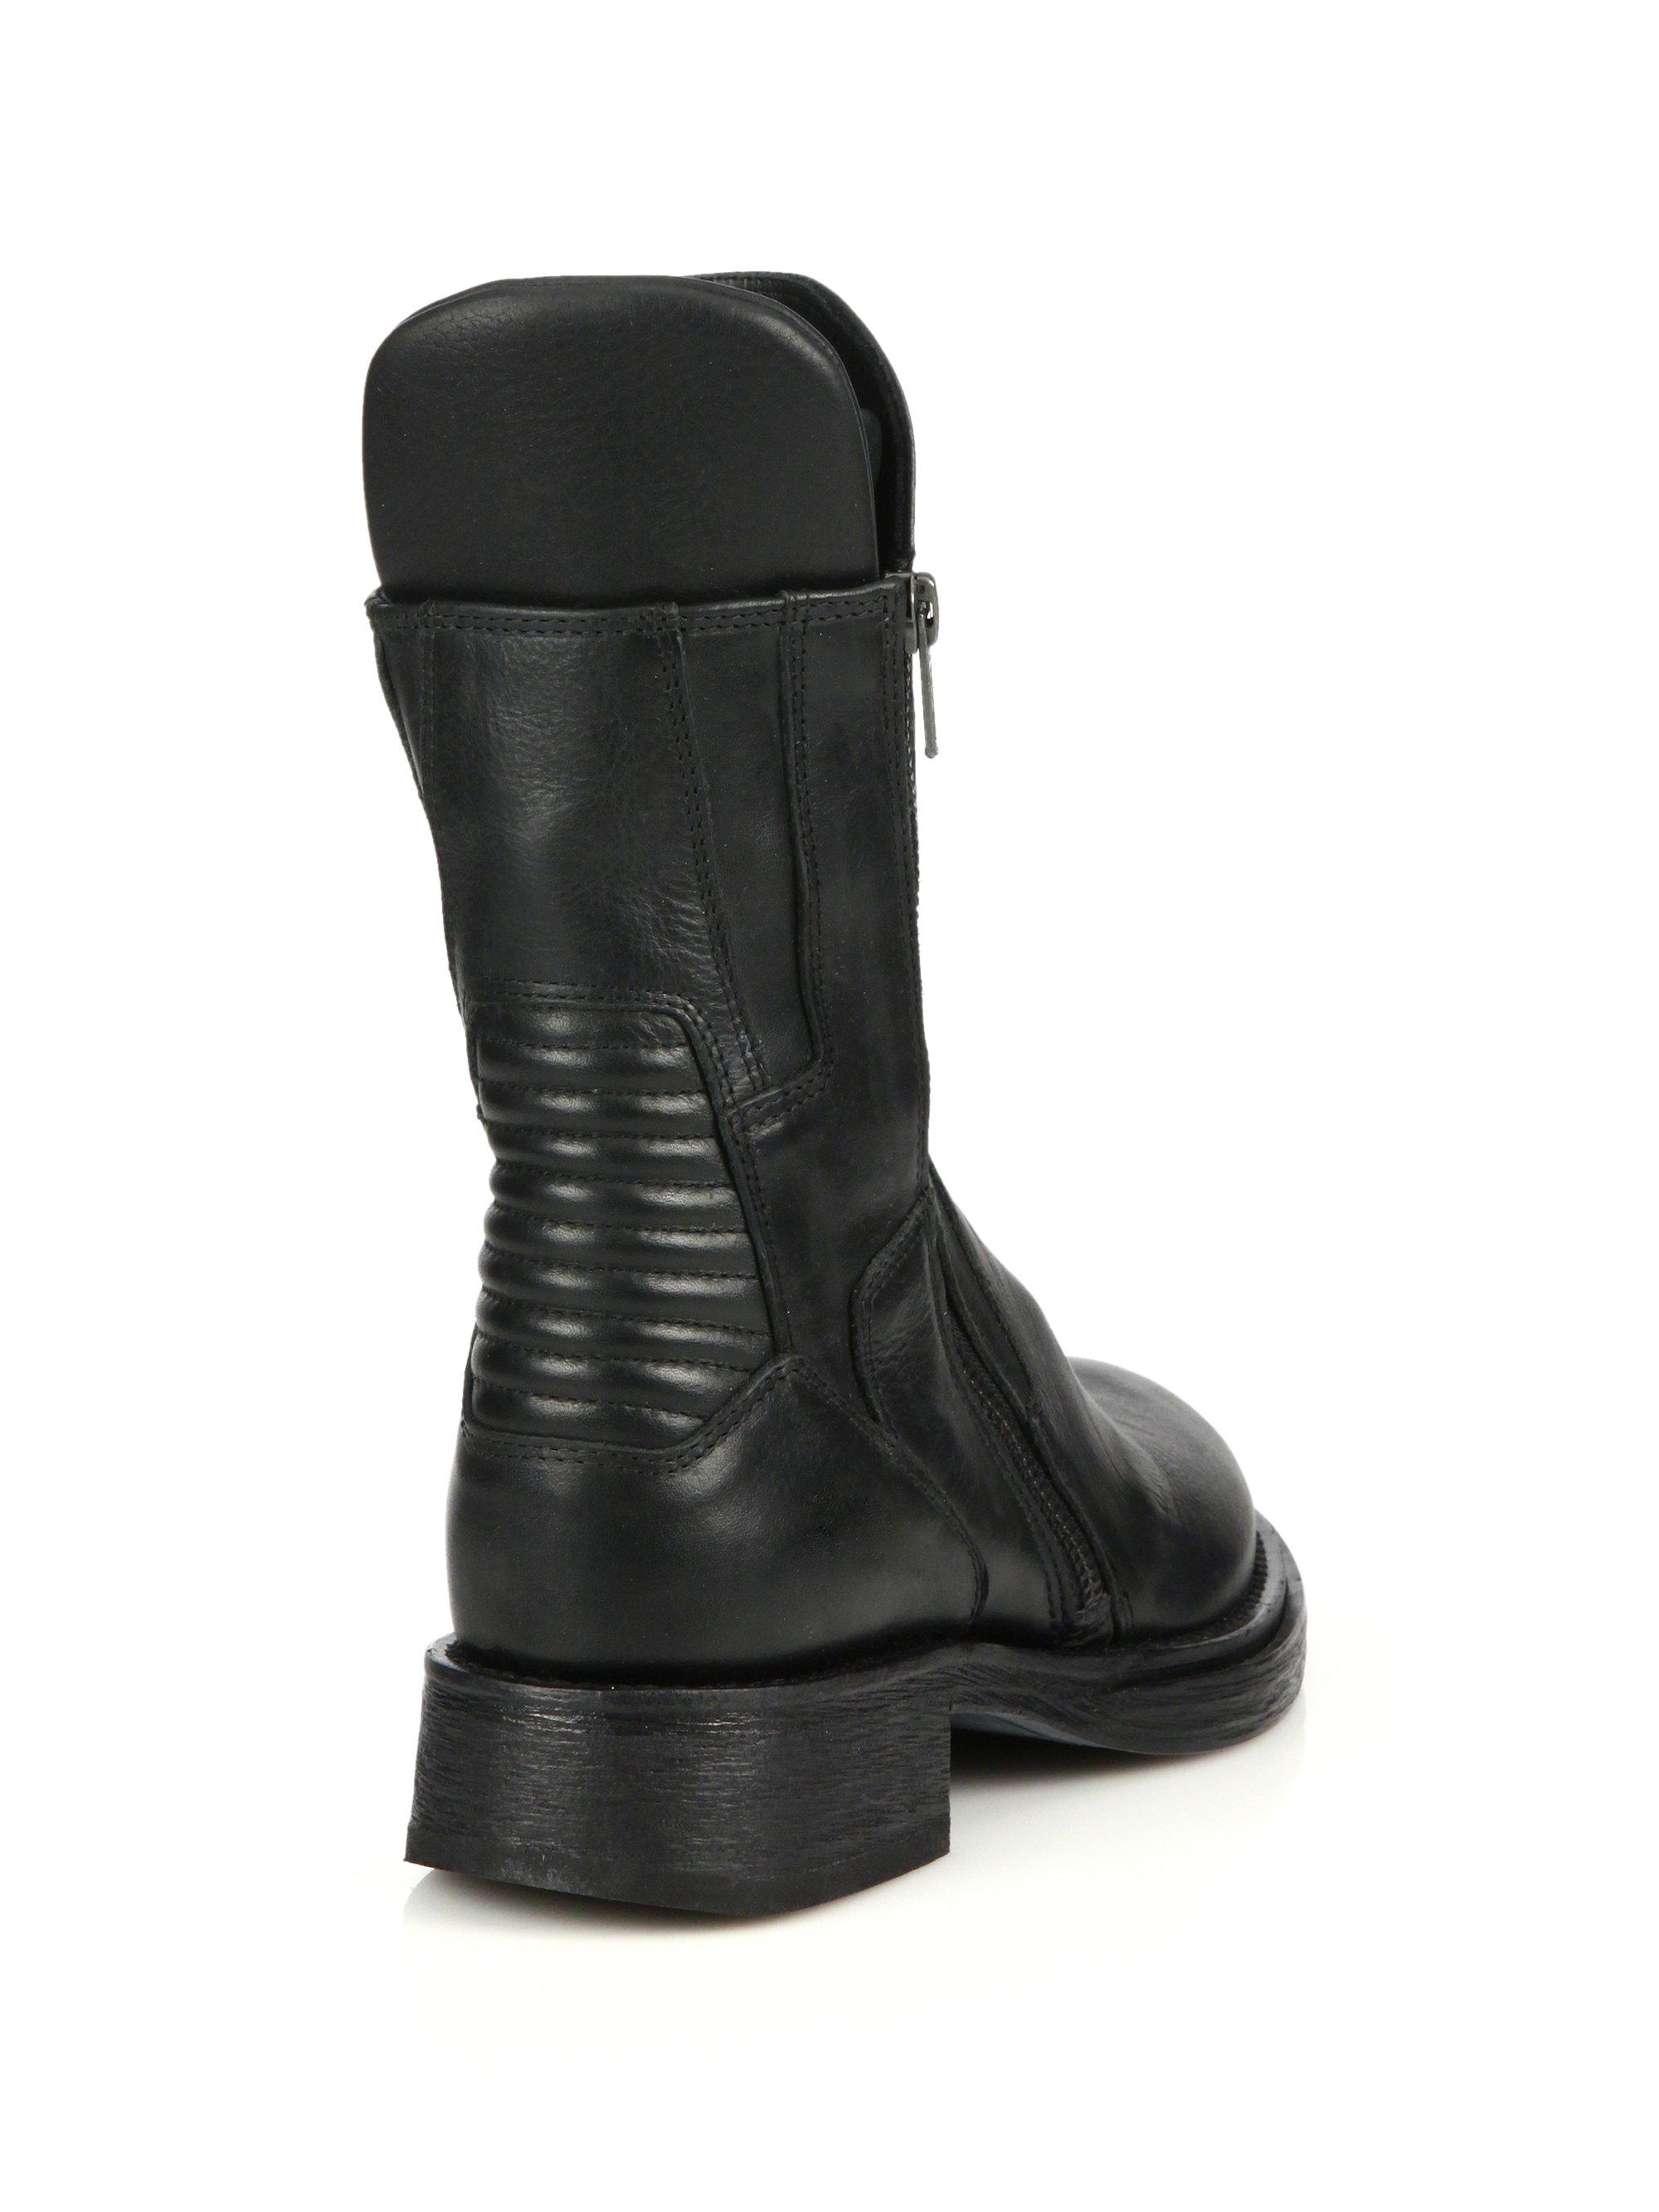 ANN DEMEULEMEESTER Black Tall Buckle Boots Faible Coût De Réduction À La Recherche De La Vente En Ligne d2xTC